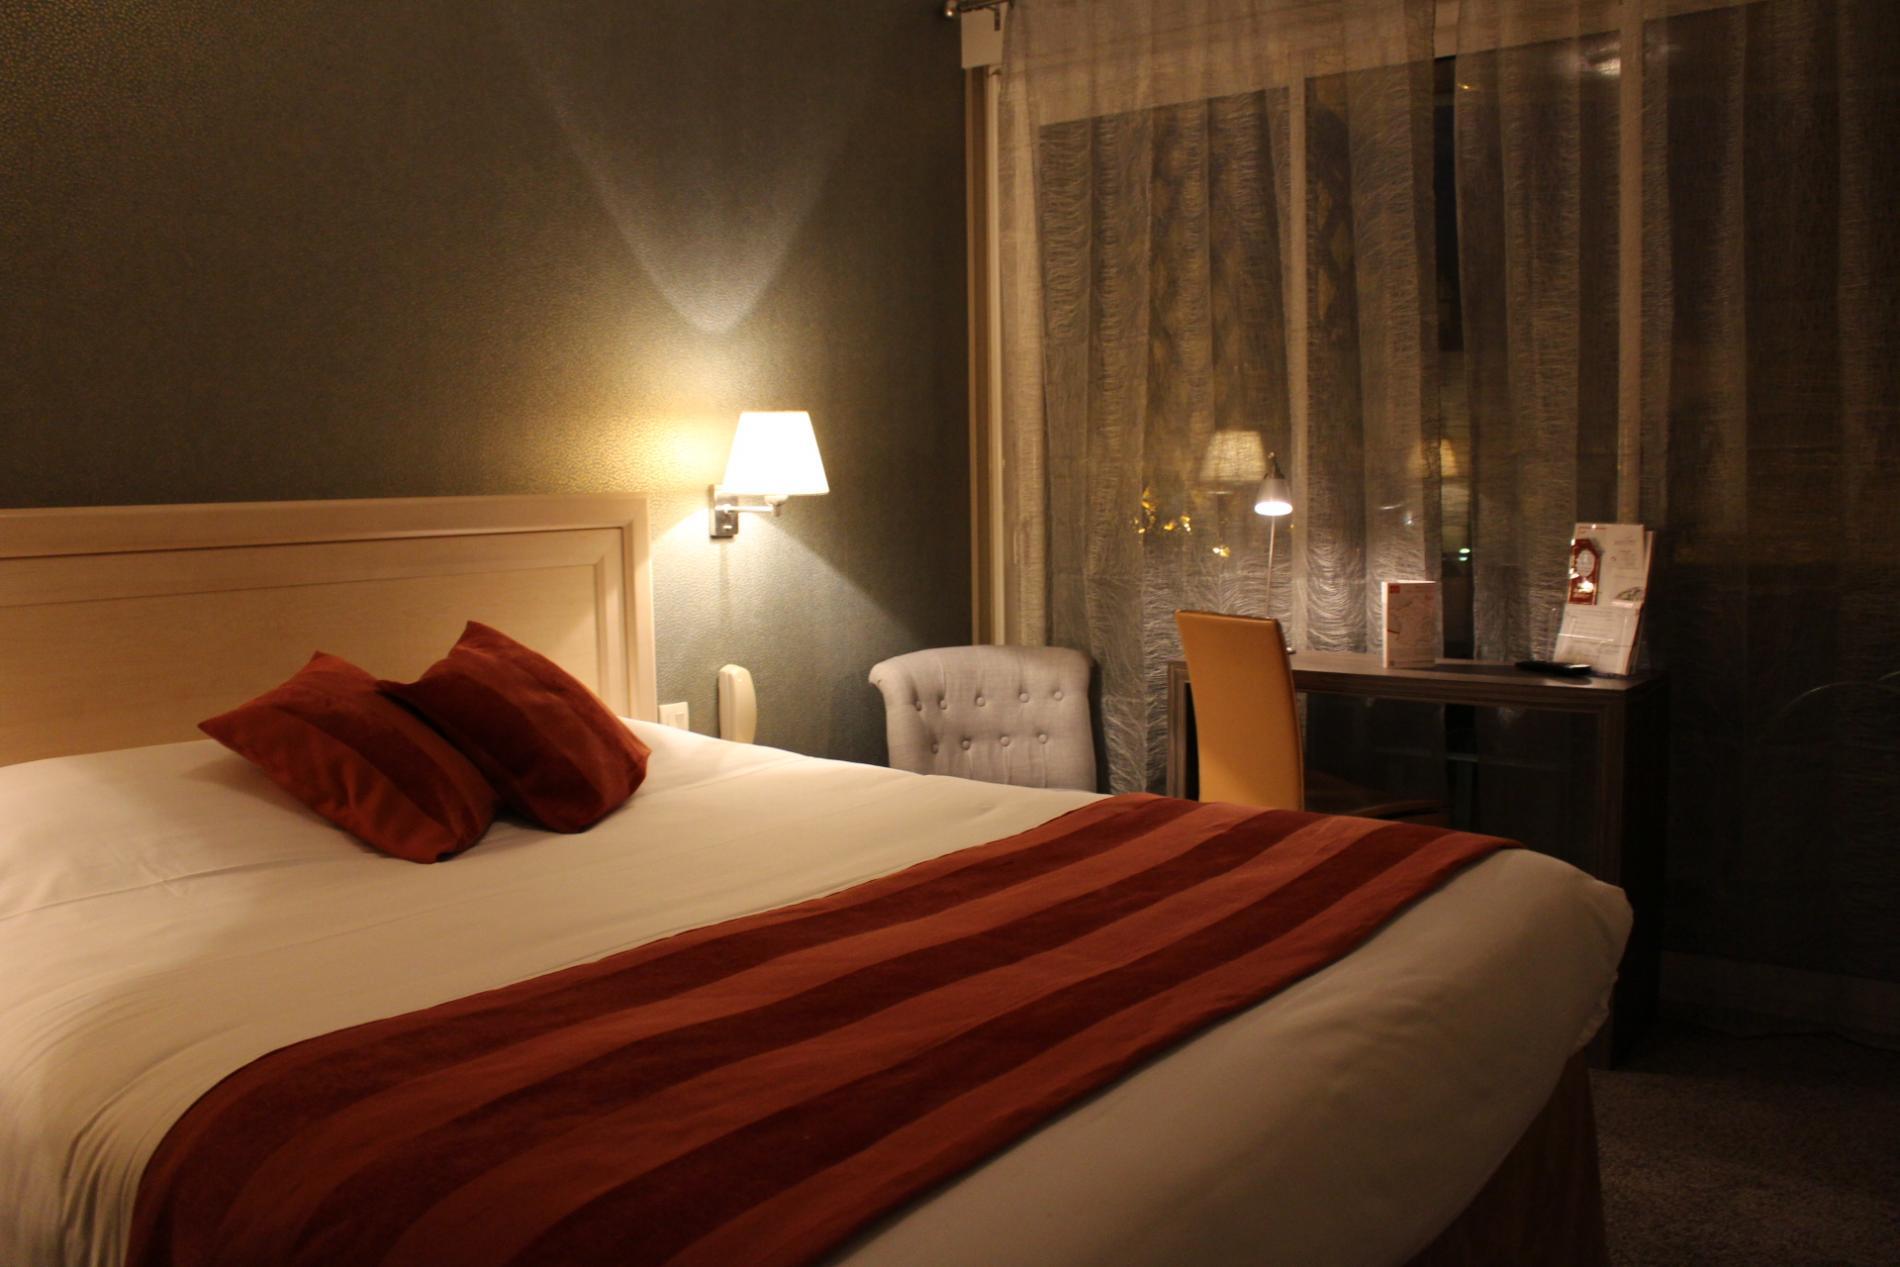 Chambre sup rieure descriptif tarifs les offres du for Tarifs hotel